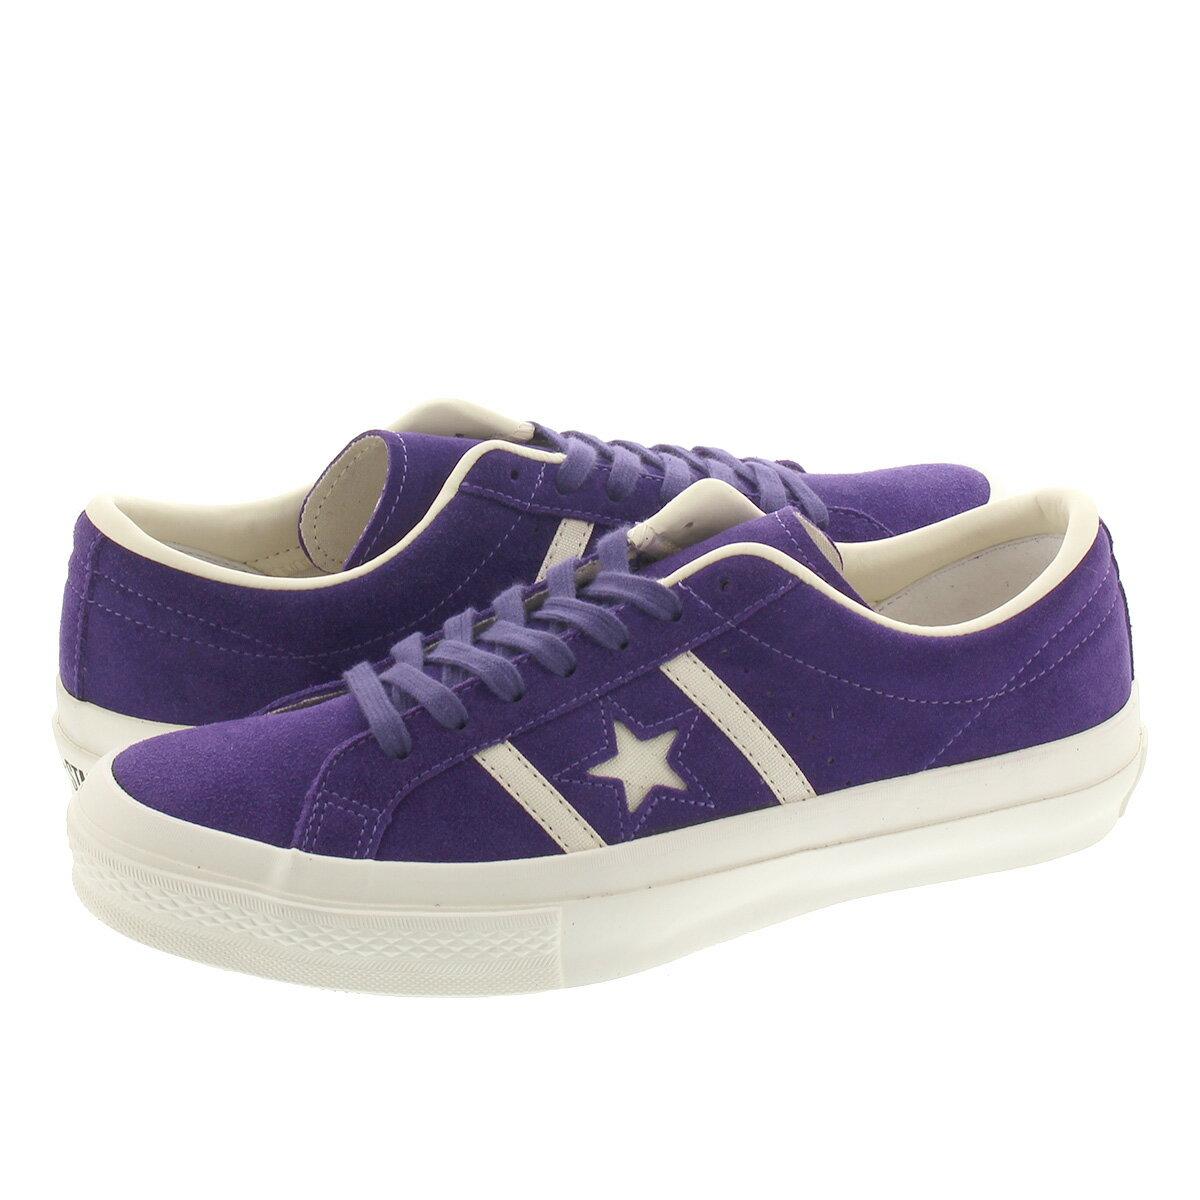 メンズ靴, スニーカー  CONVERSE STARBARS SUEDE PURPLE 35200030